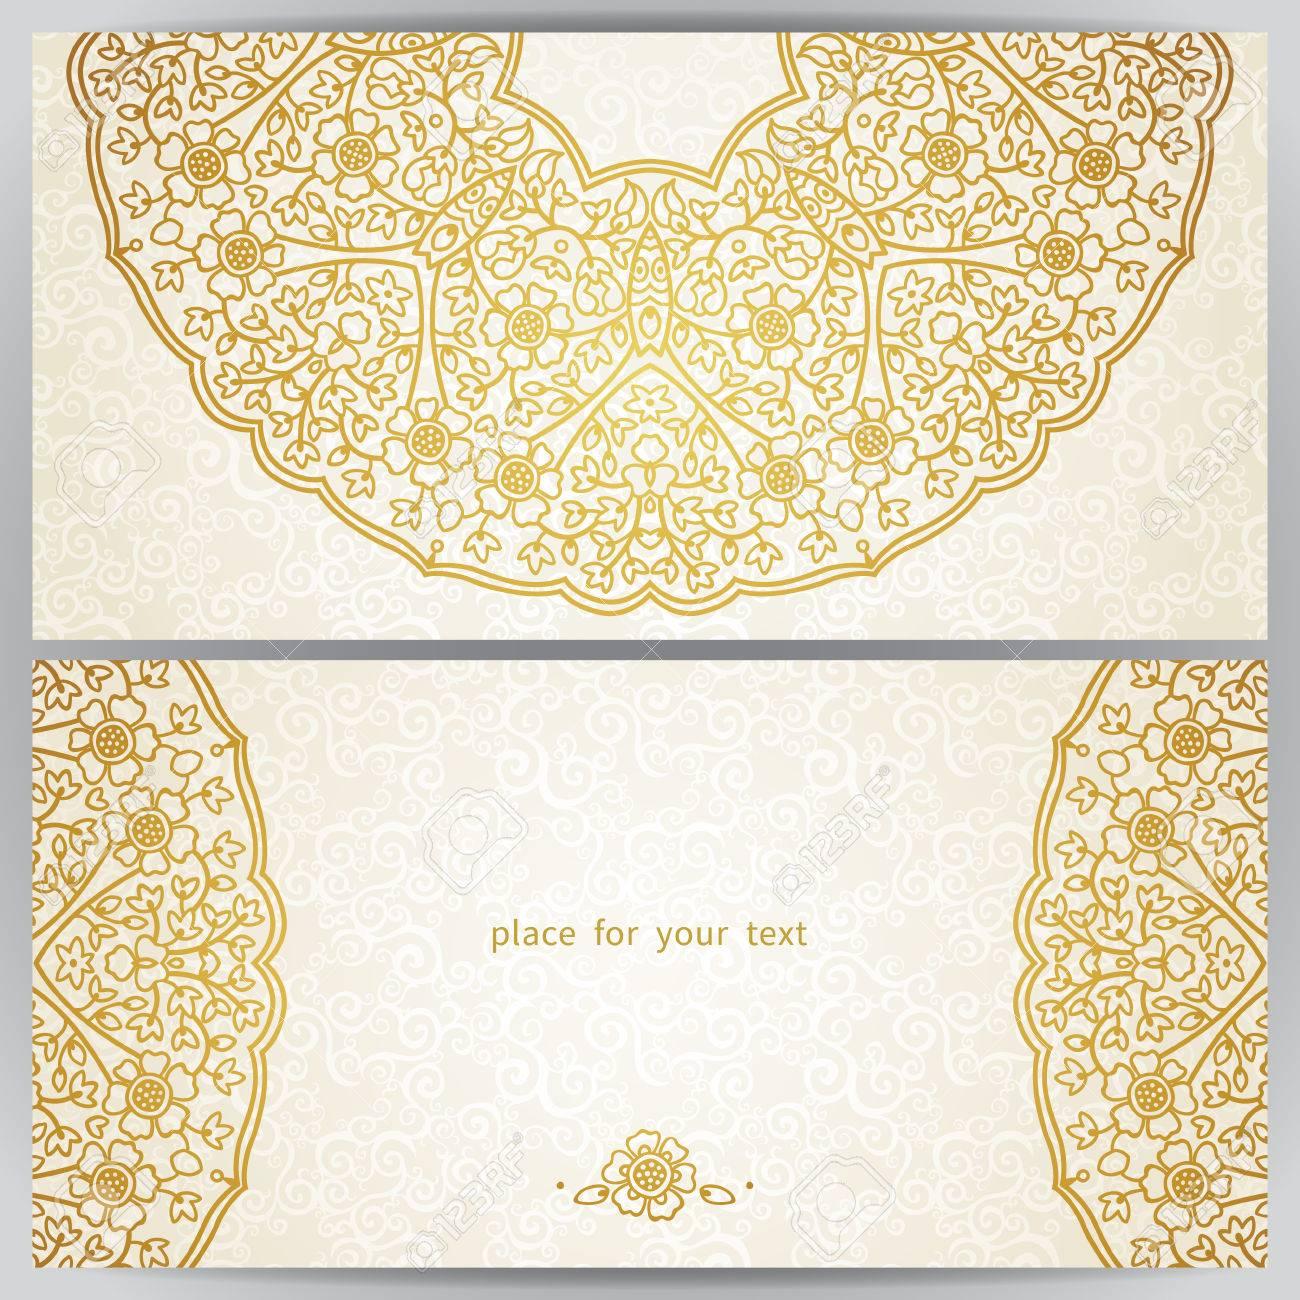 banque dimages cartes ornes vintage dans le style oriental or dcoration florale orientale cadre modle pour carte de voeux et invitation de mariage - Carte D Invitation Mariage Oriental